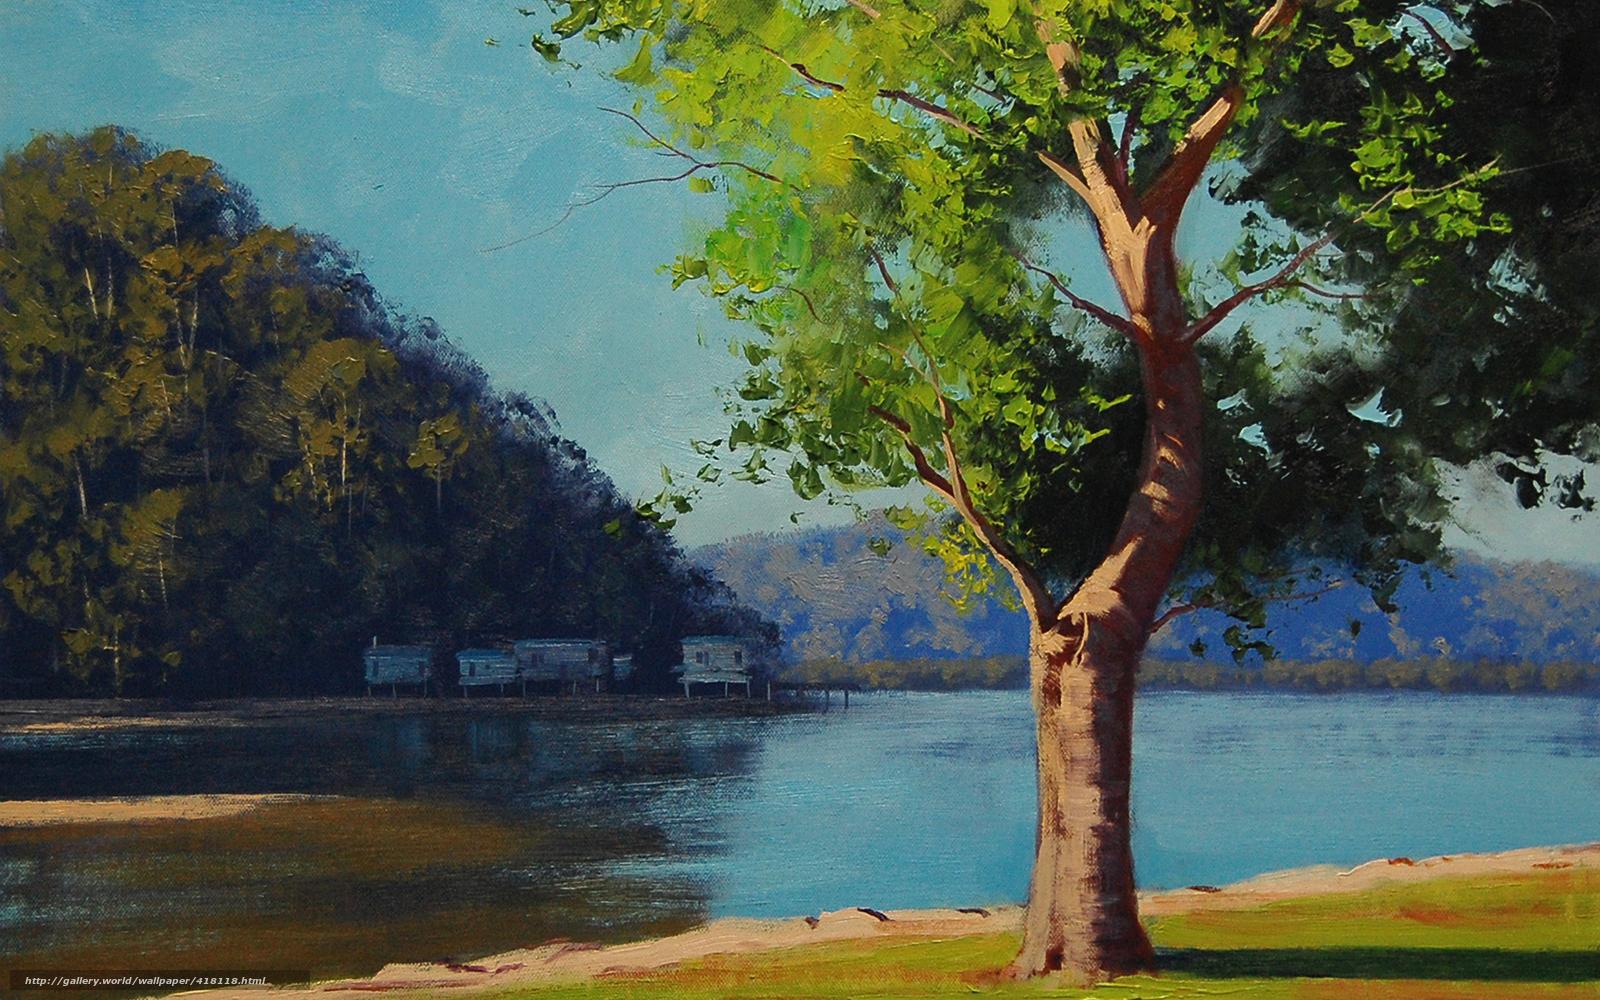 картина с лодкой и деревом на переднем плане пейзаж